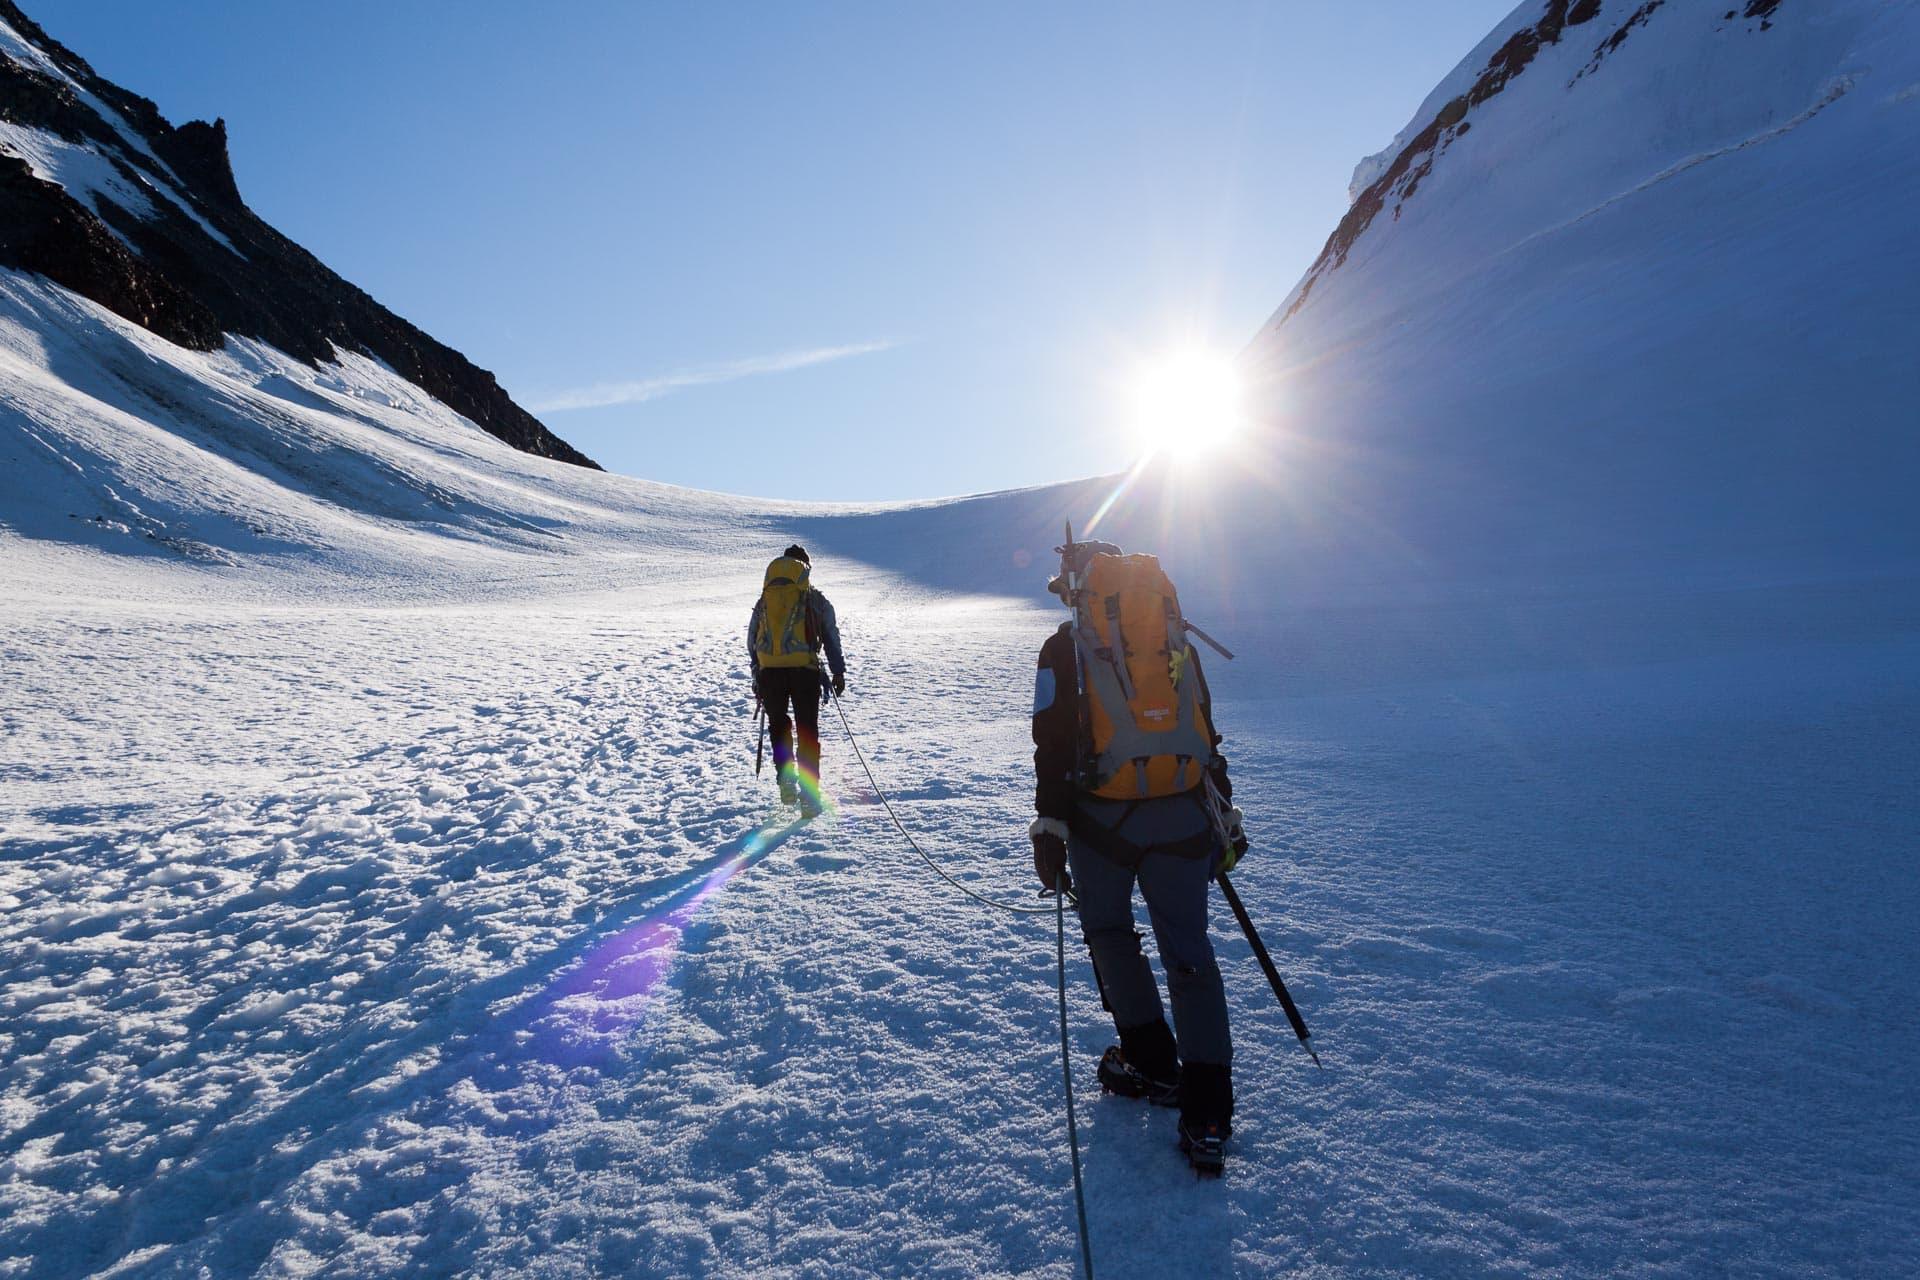 Alpenfotogtrafie: Es ist sehr früh am Morgen, kalt und klar. Der Schnee knirscht unter den Steigeisen und quietscht unter dem Eispickel. Dann, nach einiger Zeit, der erste Sonnenstrahl -ein Geschenk.